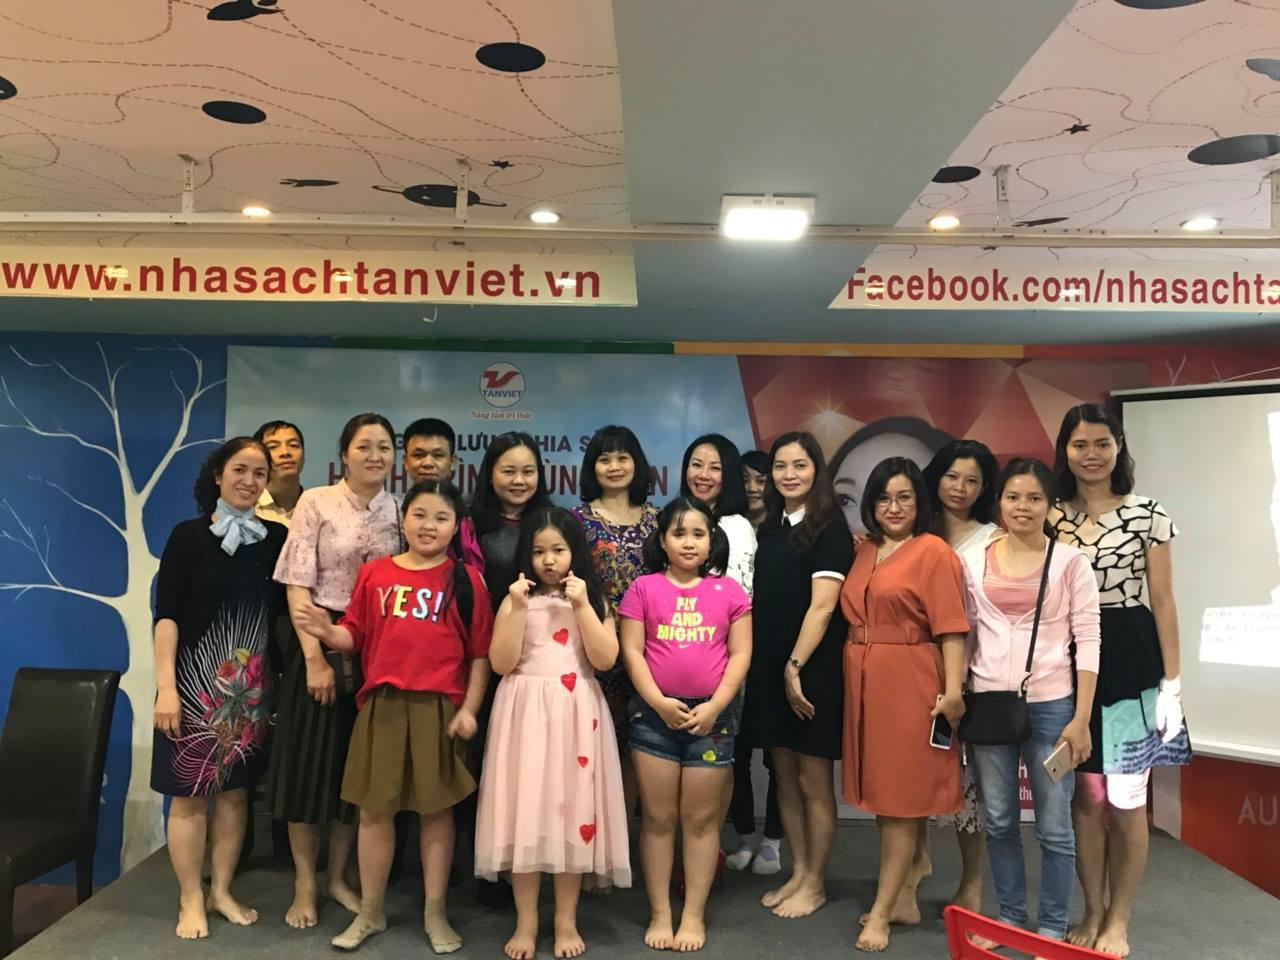 [28/4/2018] Sự Kiện Ra Mắt Nhà Sách Tân Việt 313 - 315 Bạch Mai